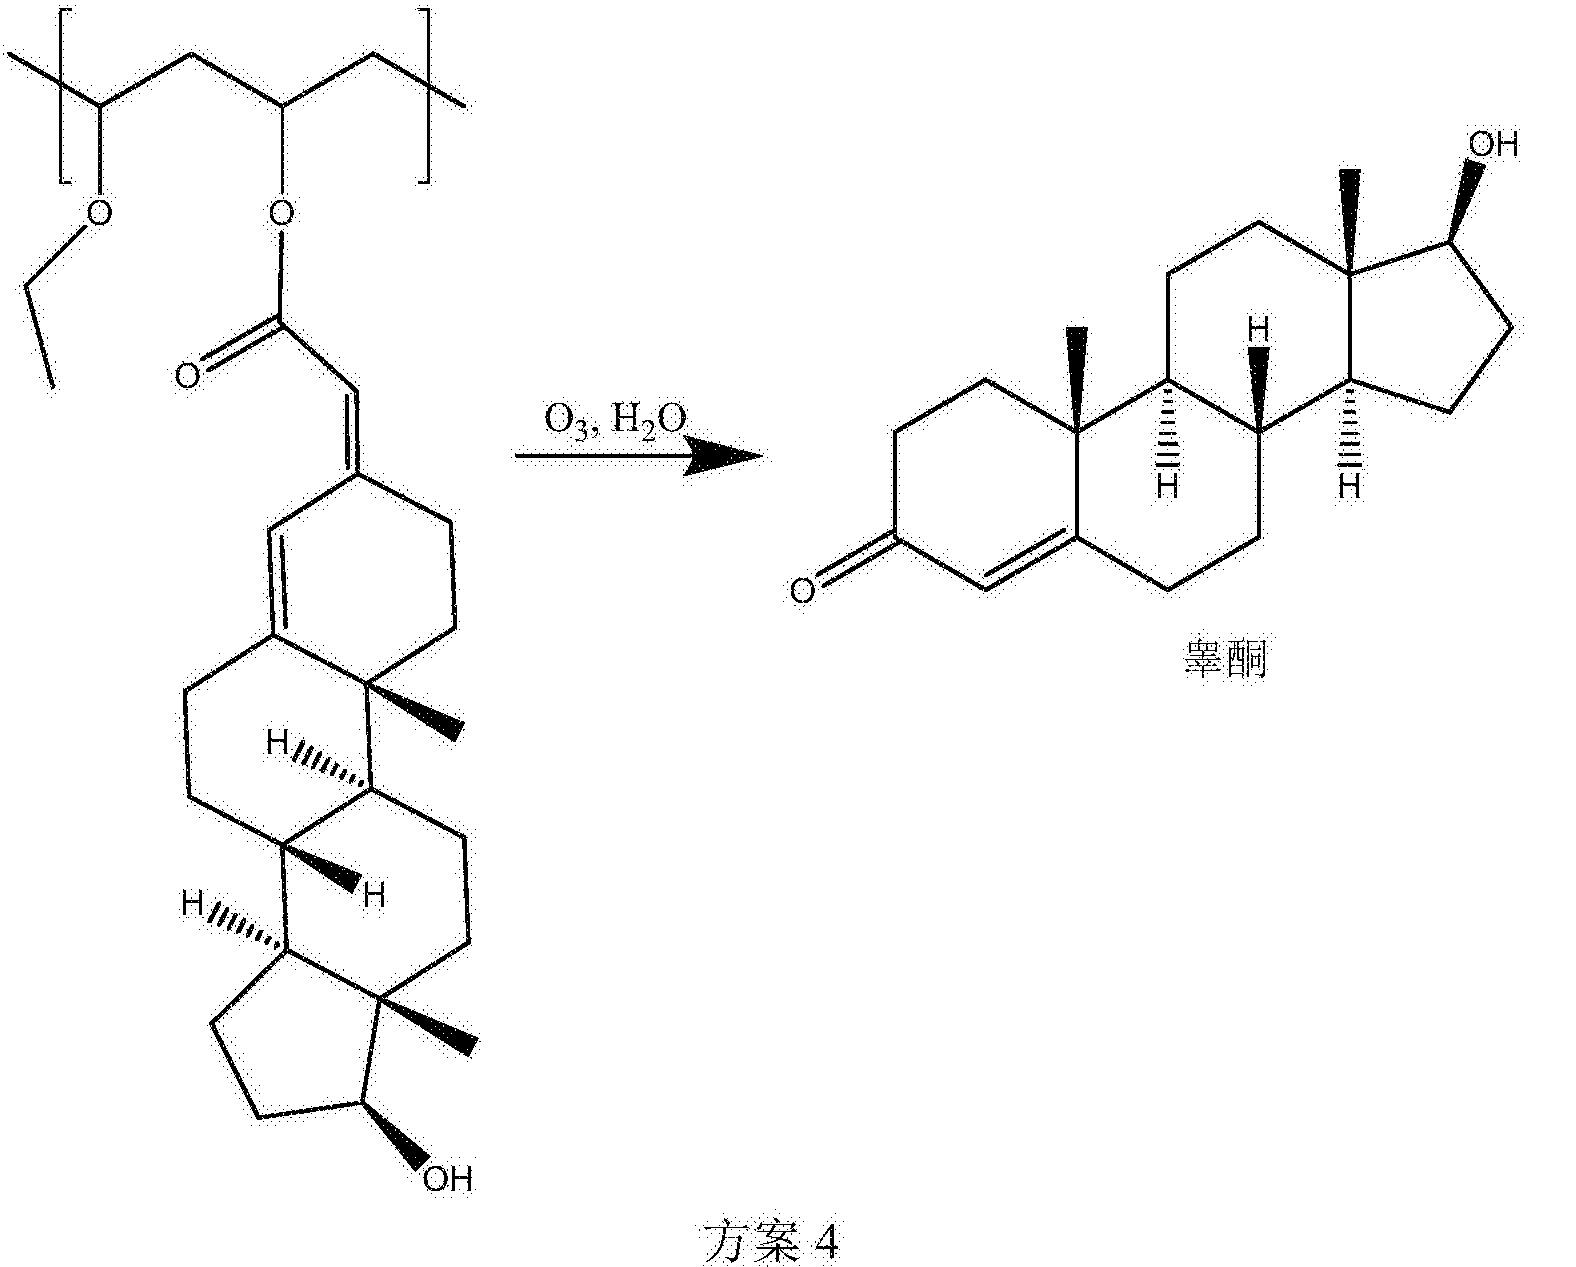 CN108348894A - 用于化合物活化以及臭氧降解的臭氧解- Google